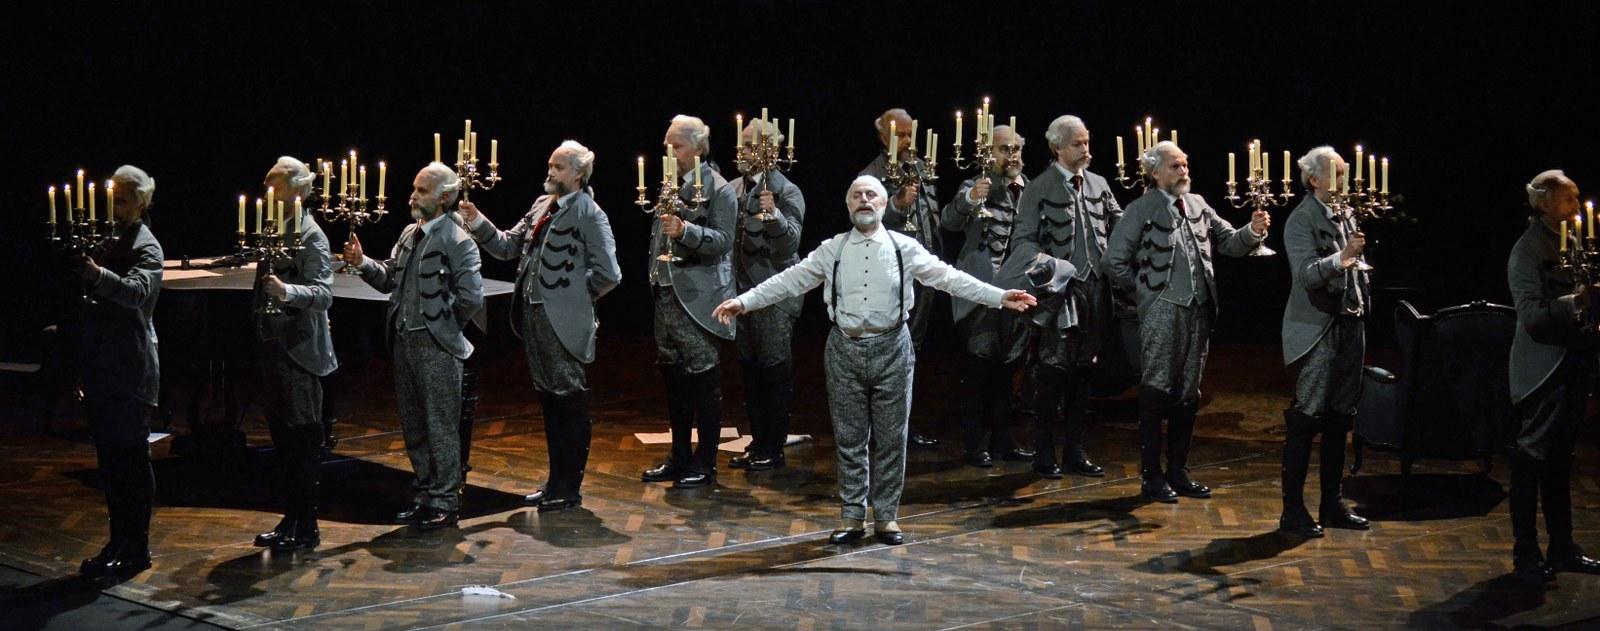 Foto: Opera Nazionale Olandese